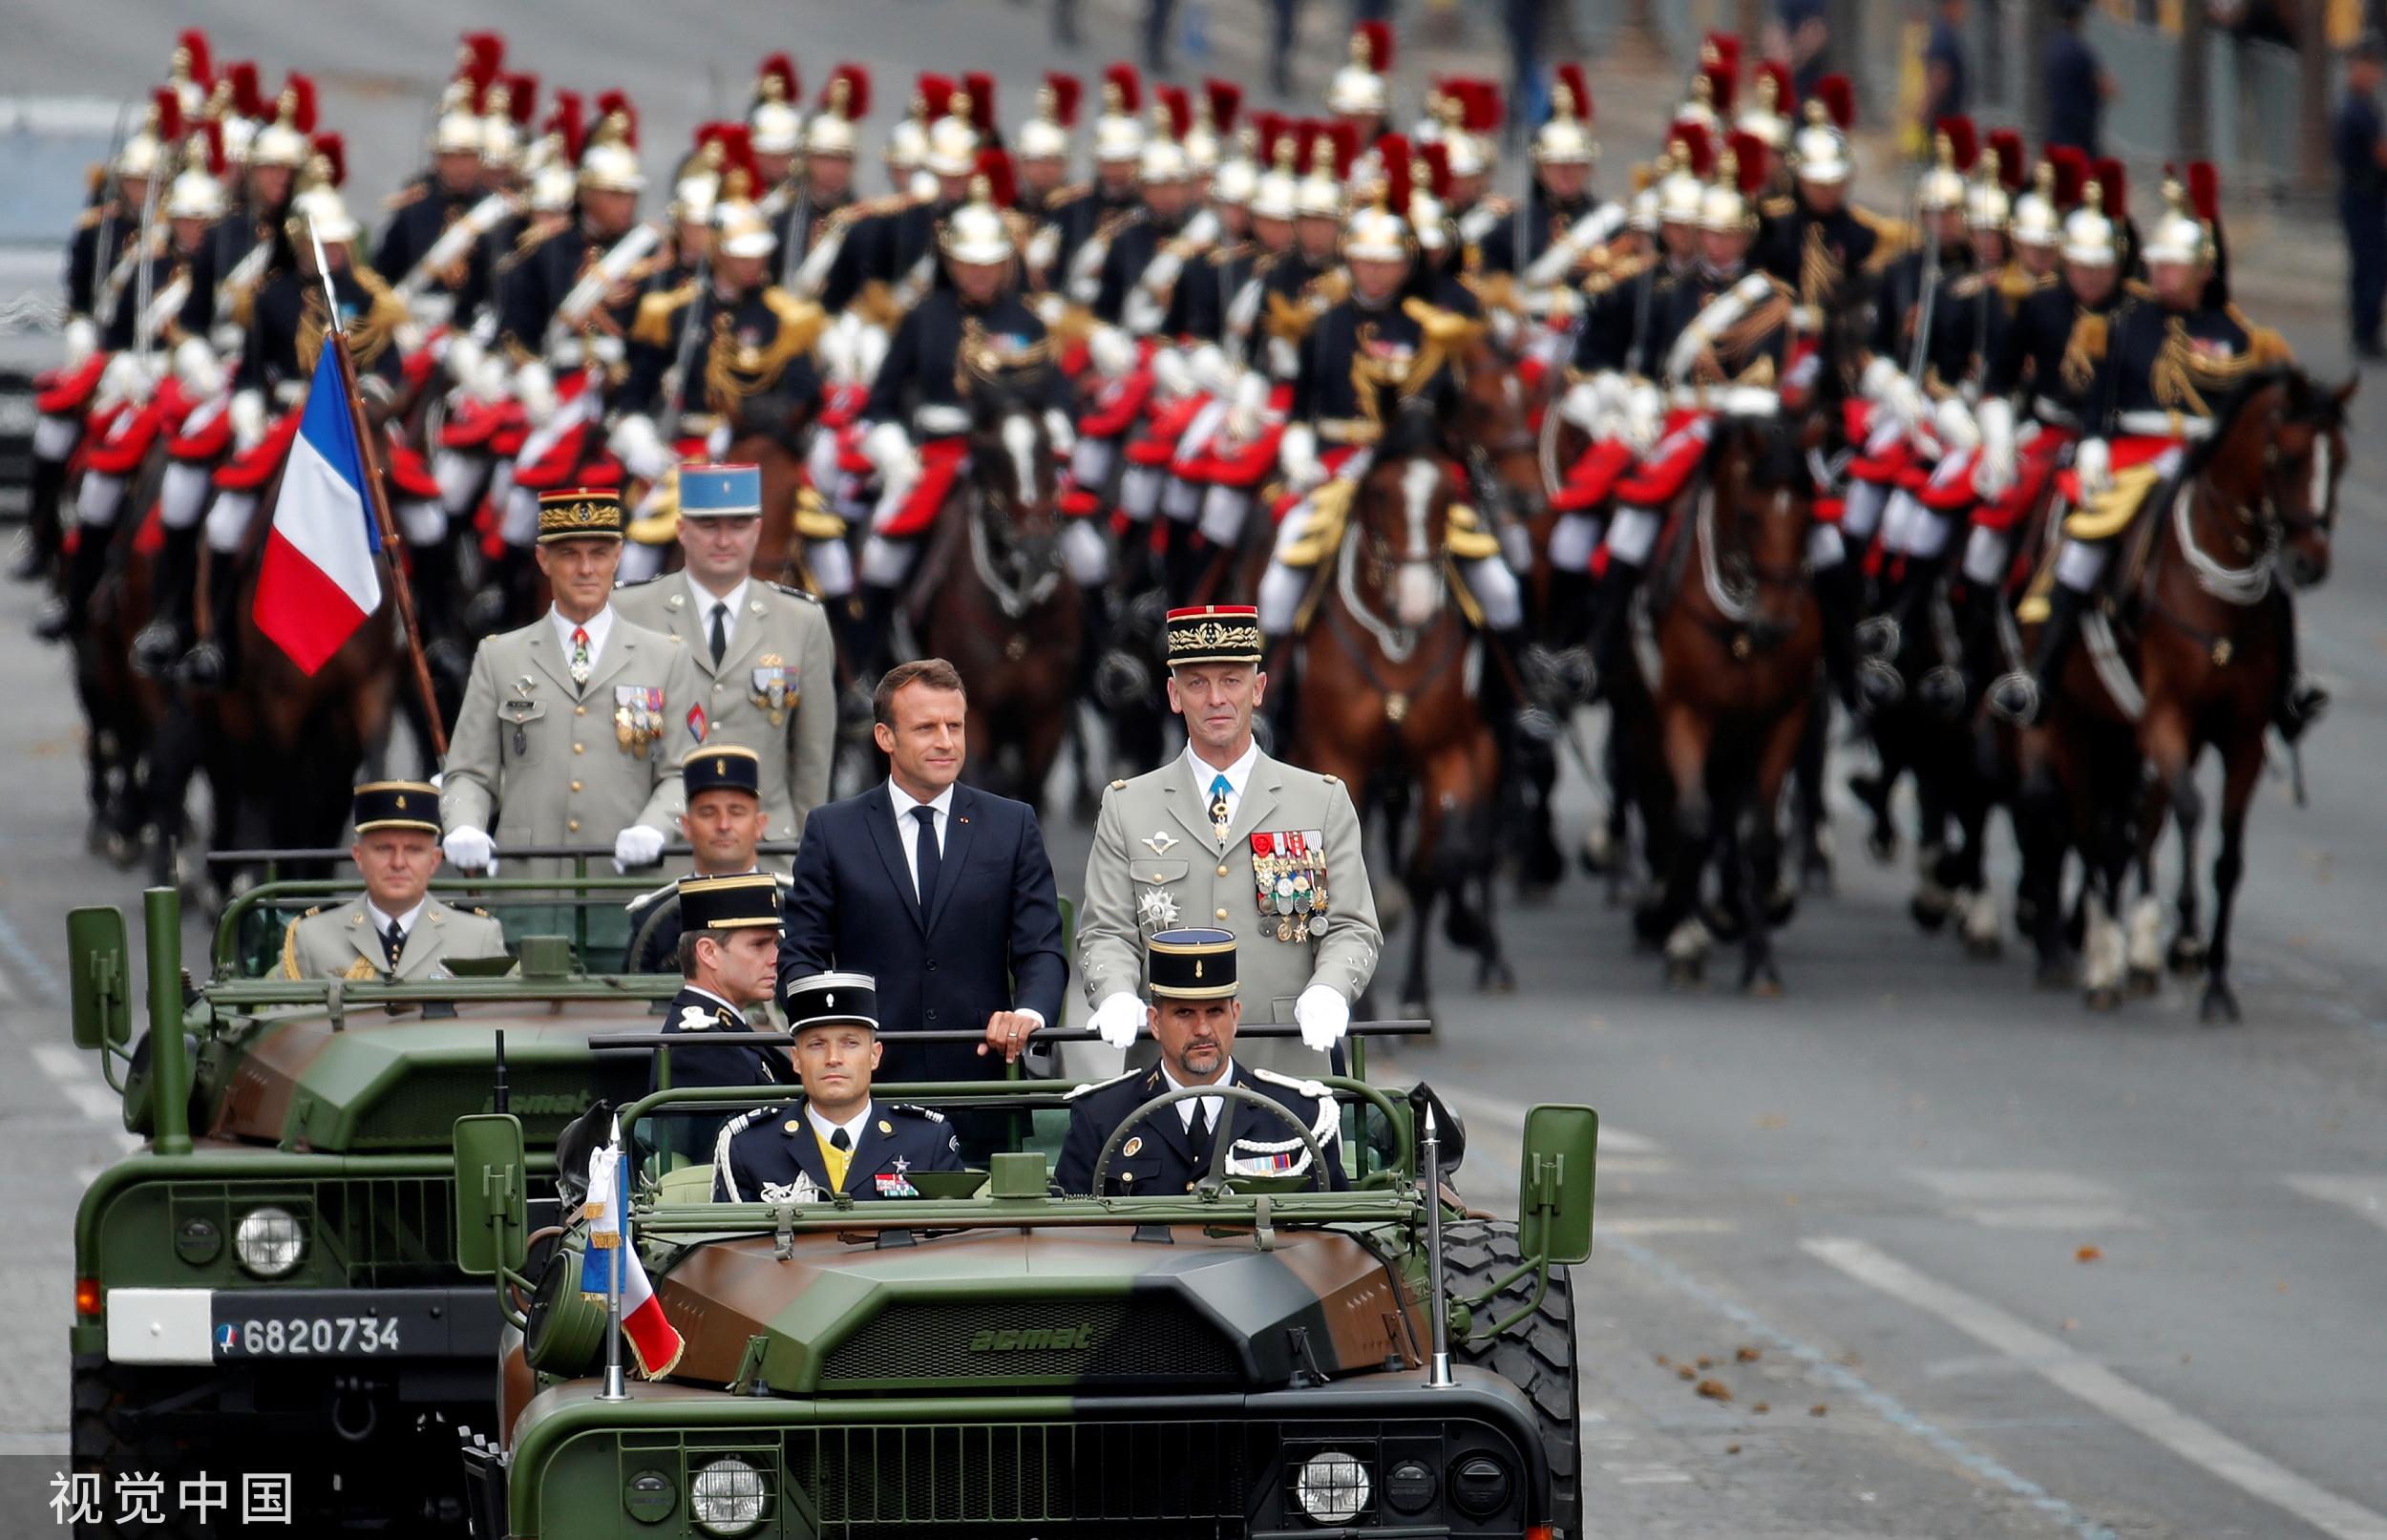 法国国庆阅兵大秀欧洲军力 德法混合旅亮相